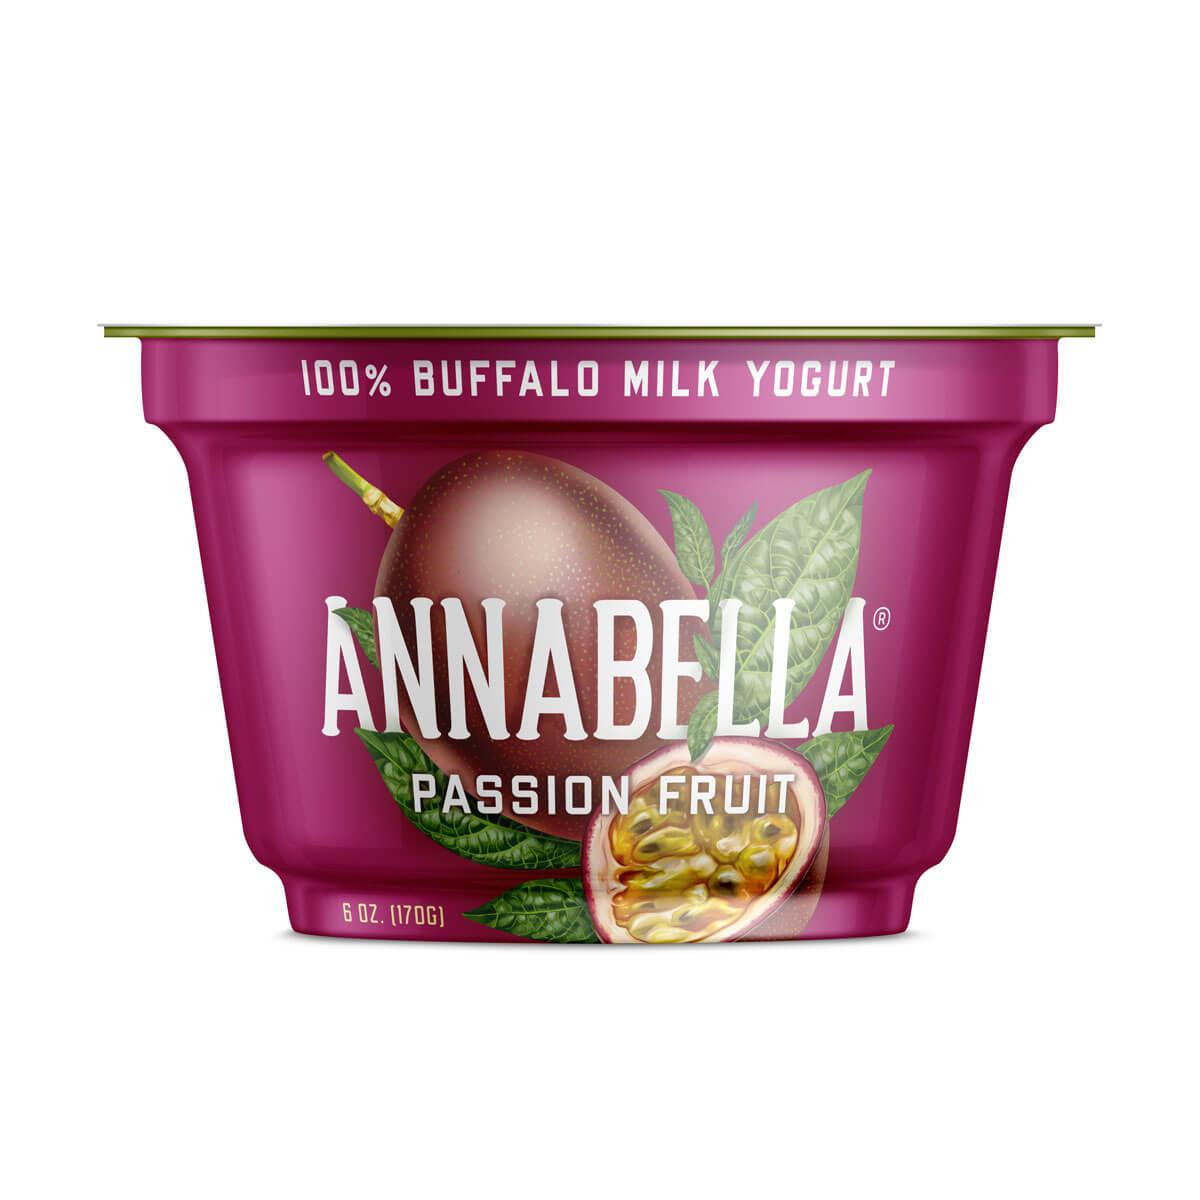 Yogurt Packaging Hero Image